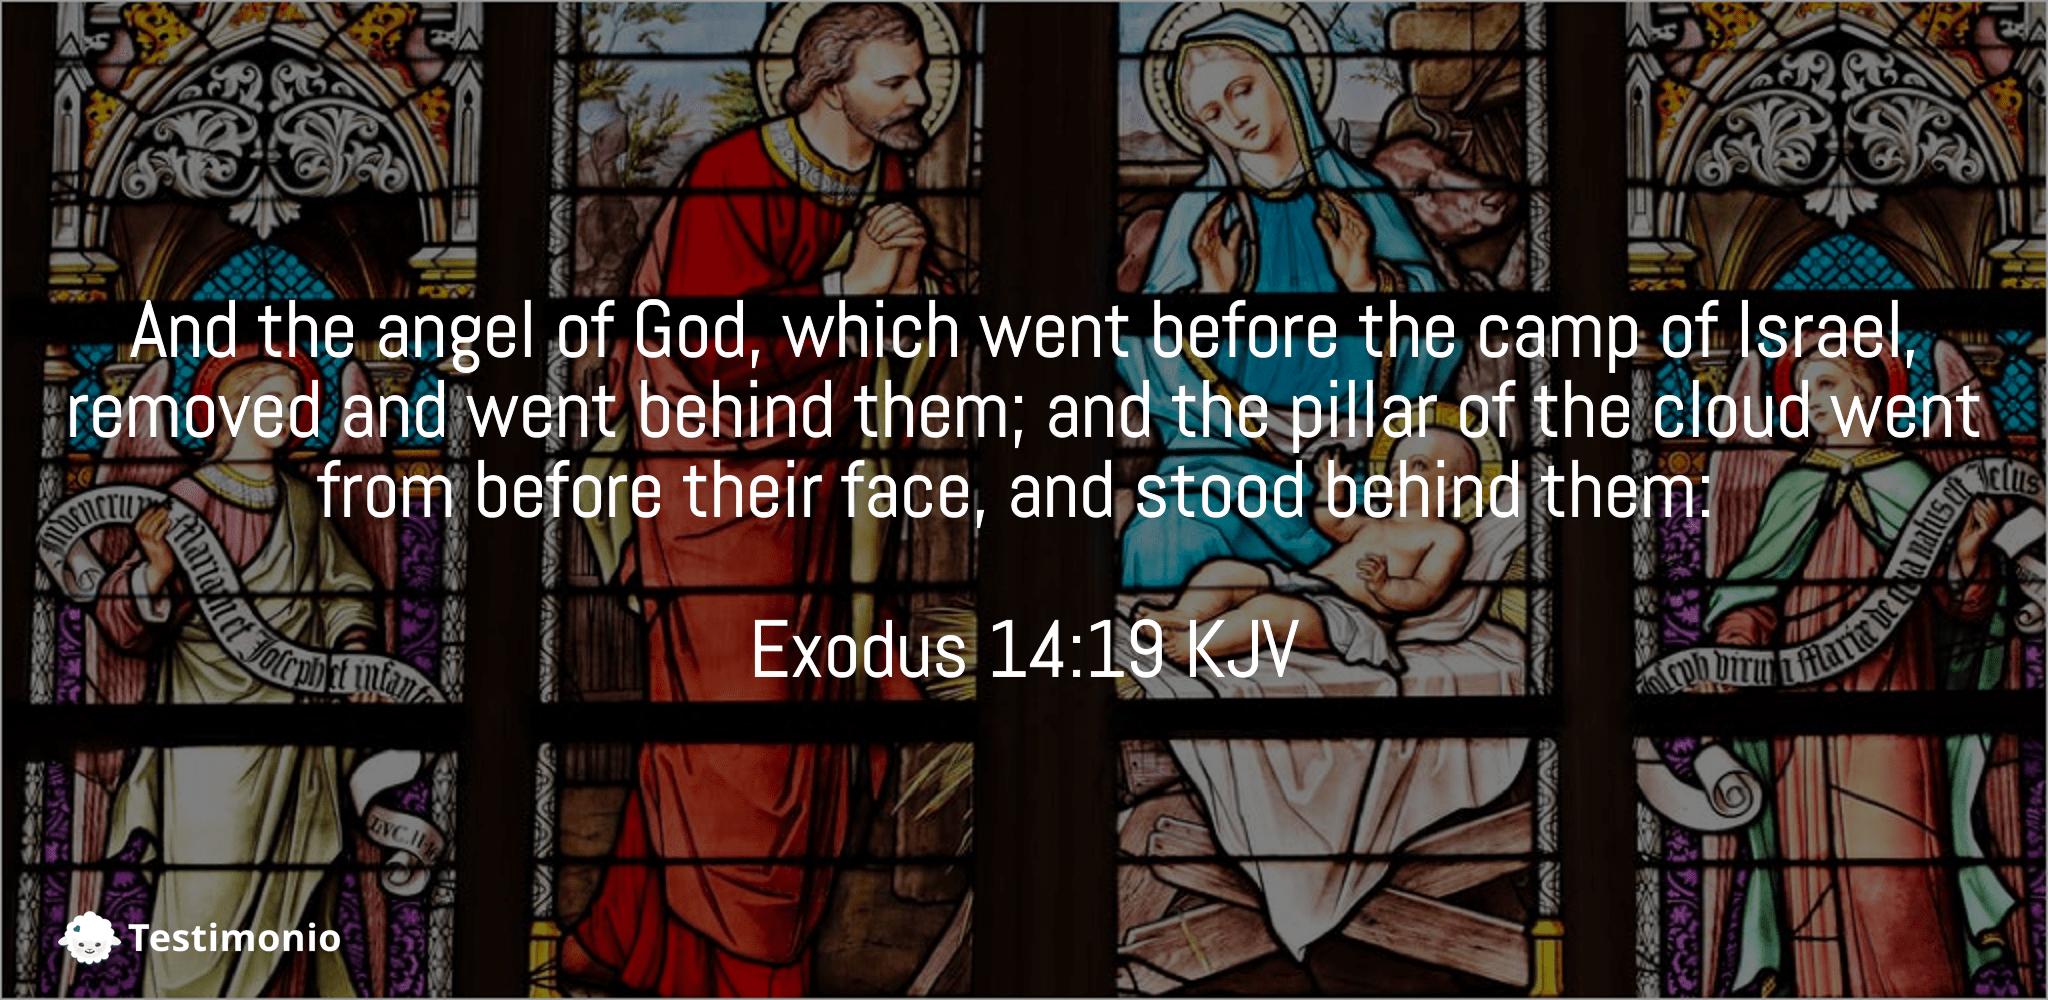 Exodus 14:19